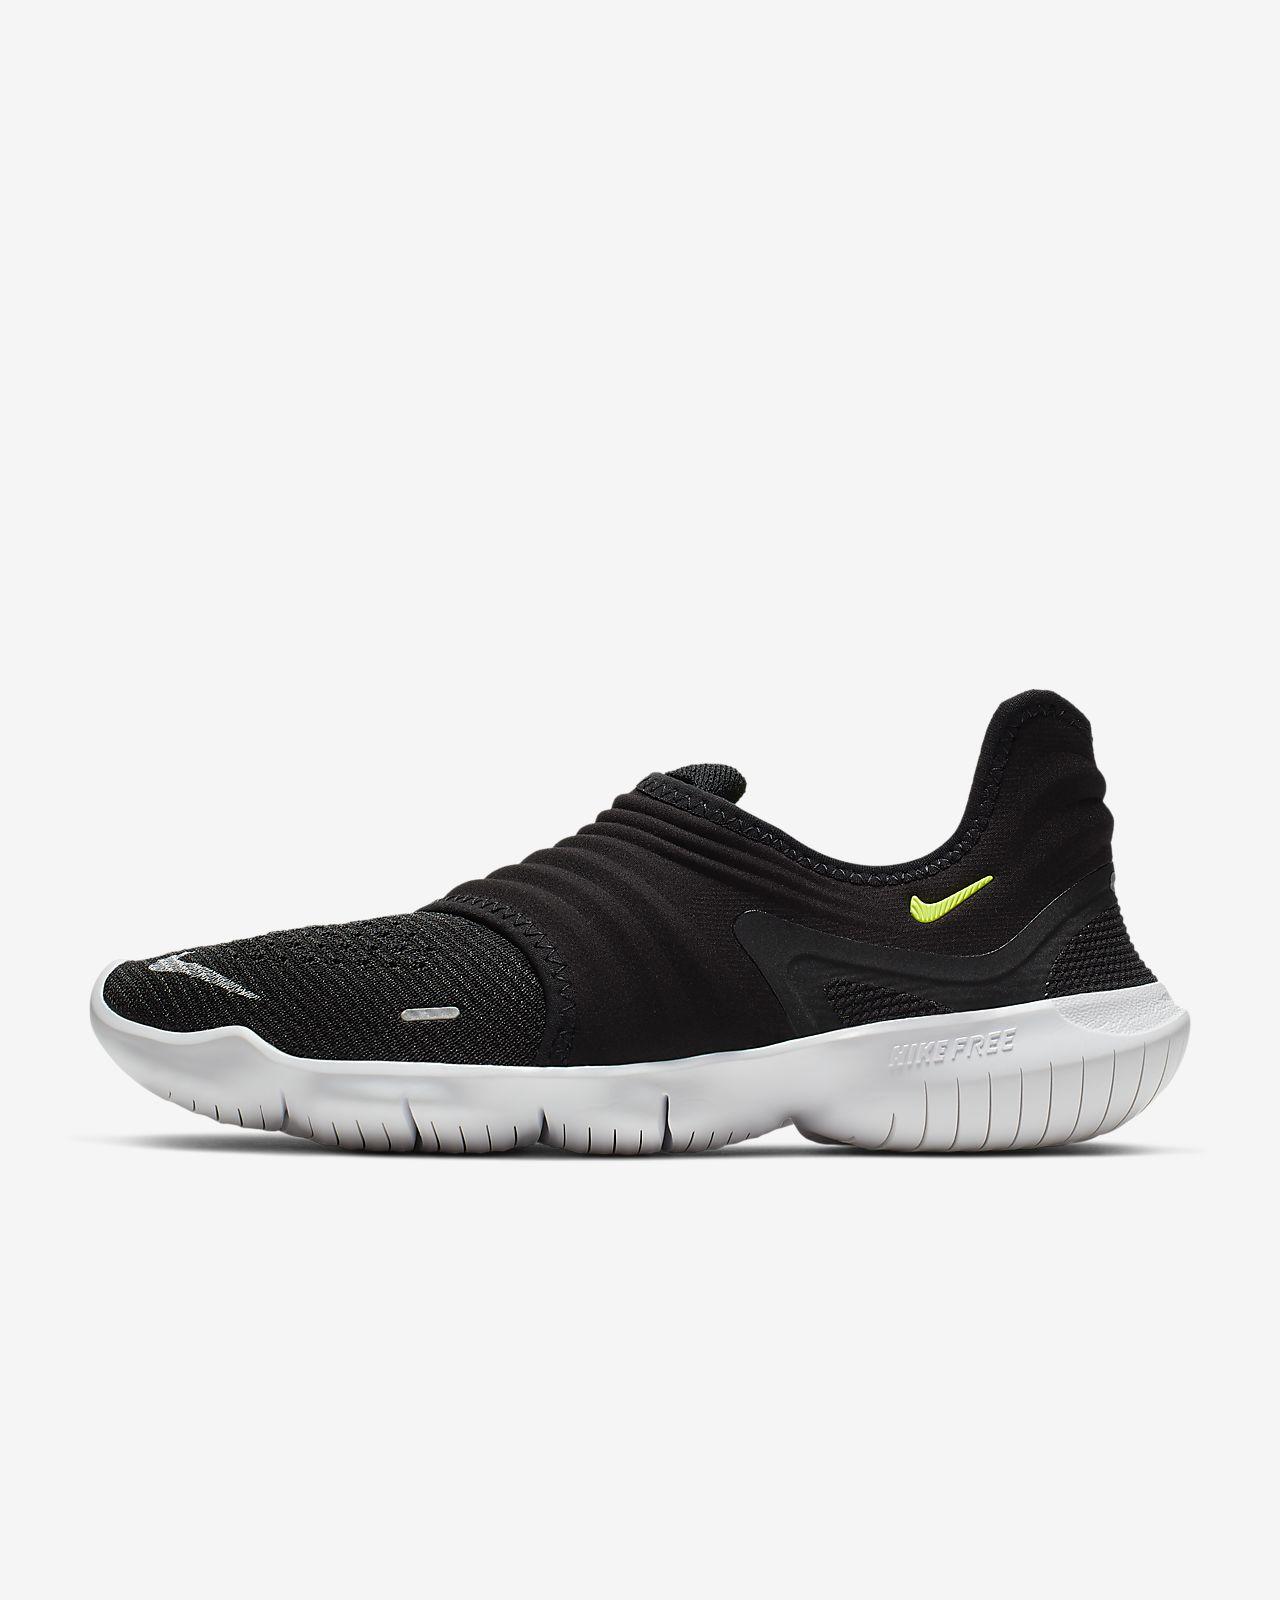 f9e870629ae43 Nike Free RN Flyknit 3.0 Women s Running Shoe. Nike.com LU